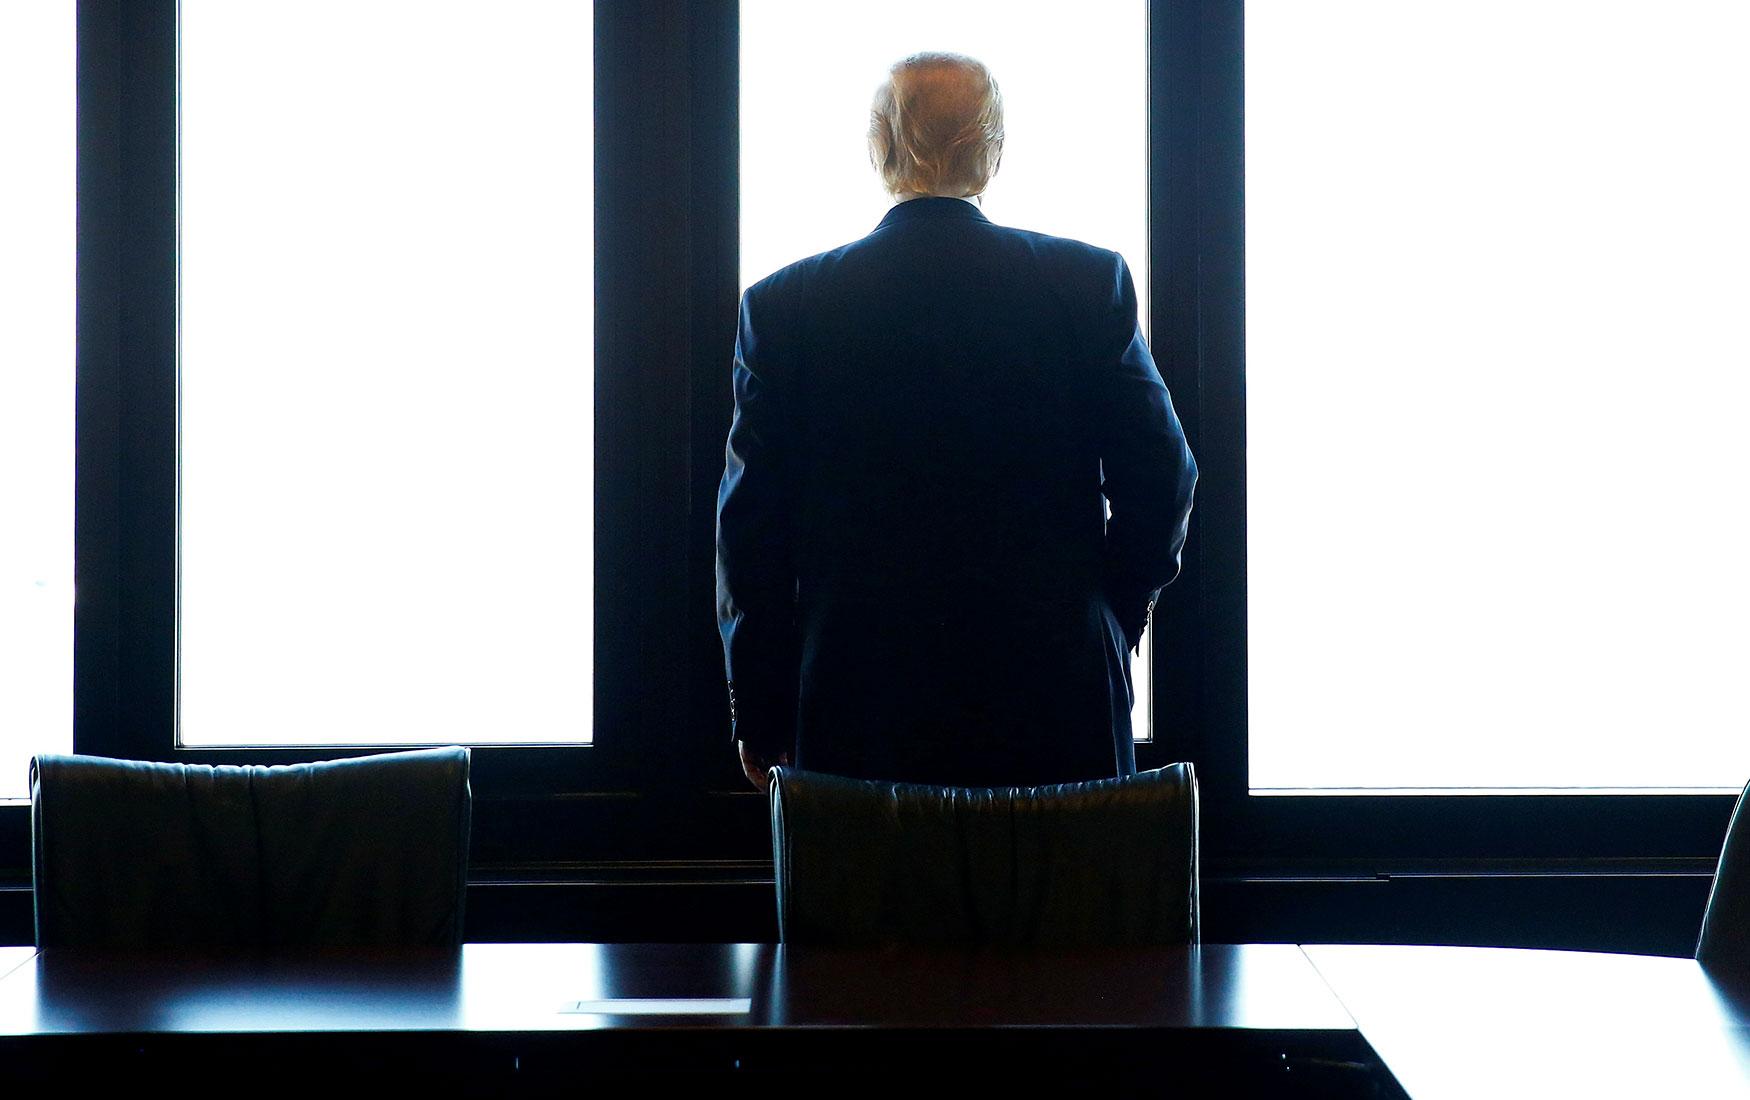 Власть и бизнес: как Дональд Трамп пытается усидеть на всех стульях